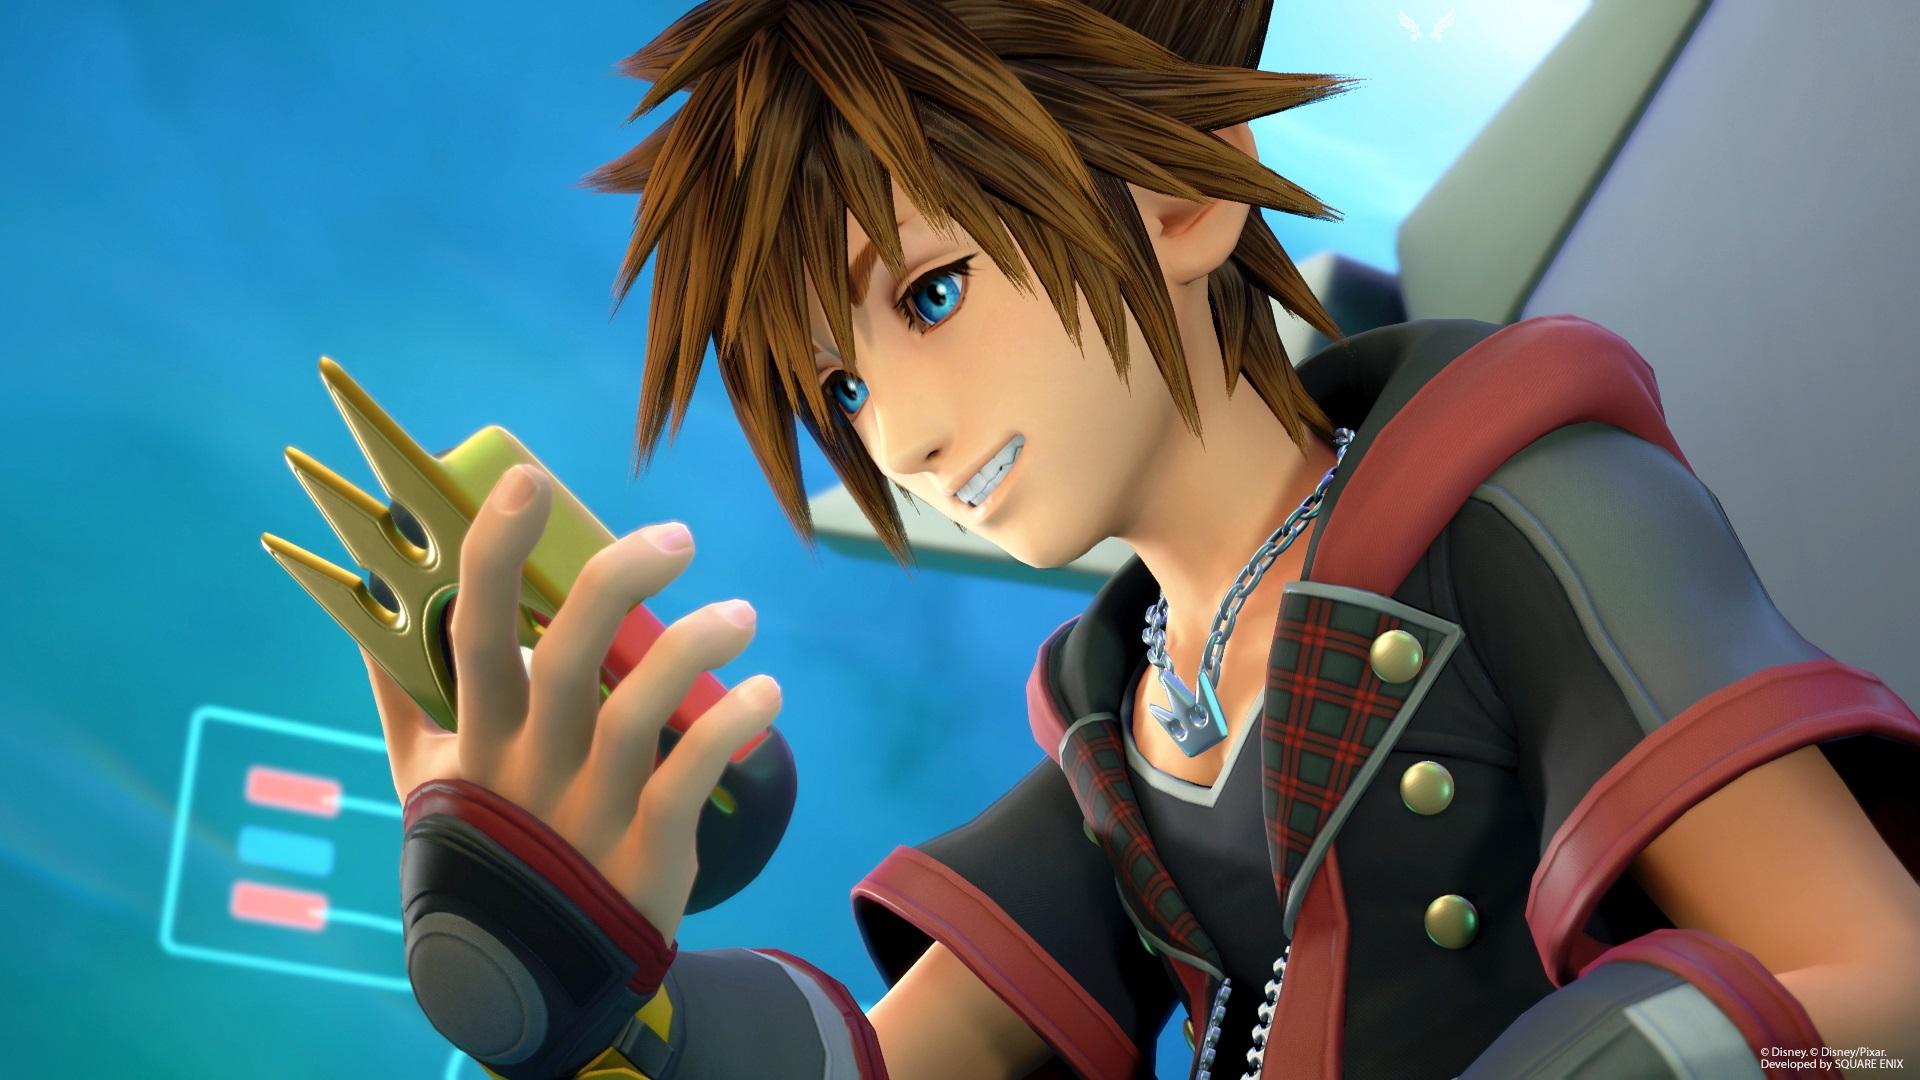 [TGS 2018] Nuove immagini e render personaggi di Kingdom Hearts III!